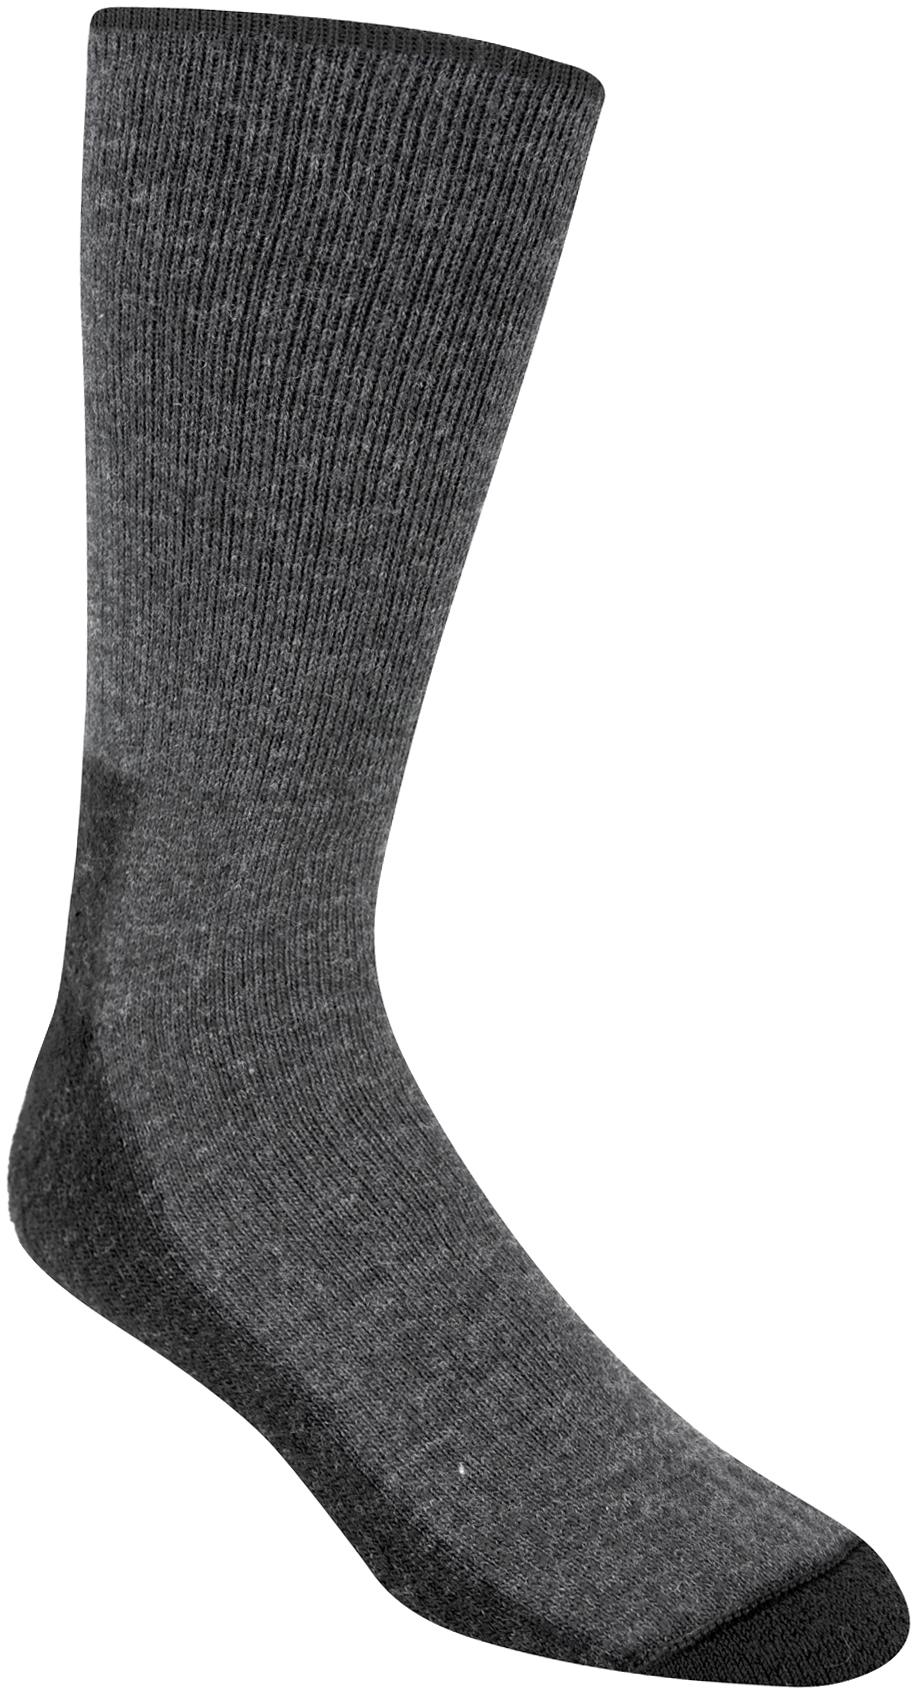 7297d96d612 Wigwam Trail Mix Fusion Merino Socks - Unisex